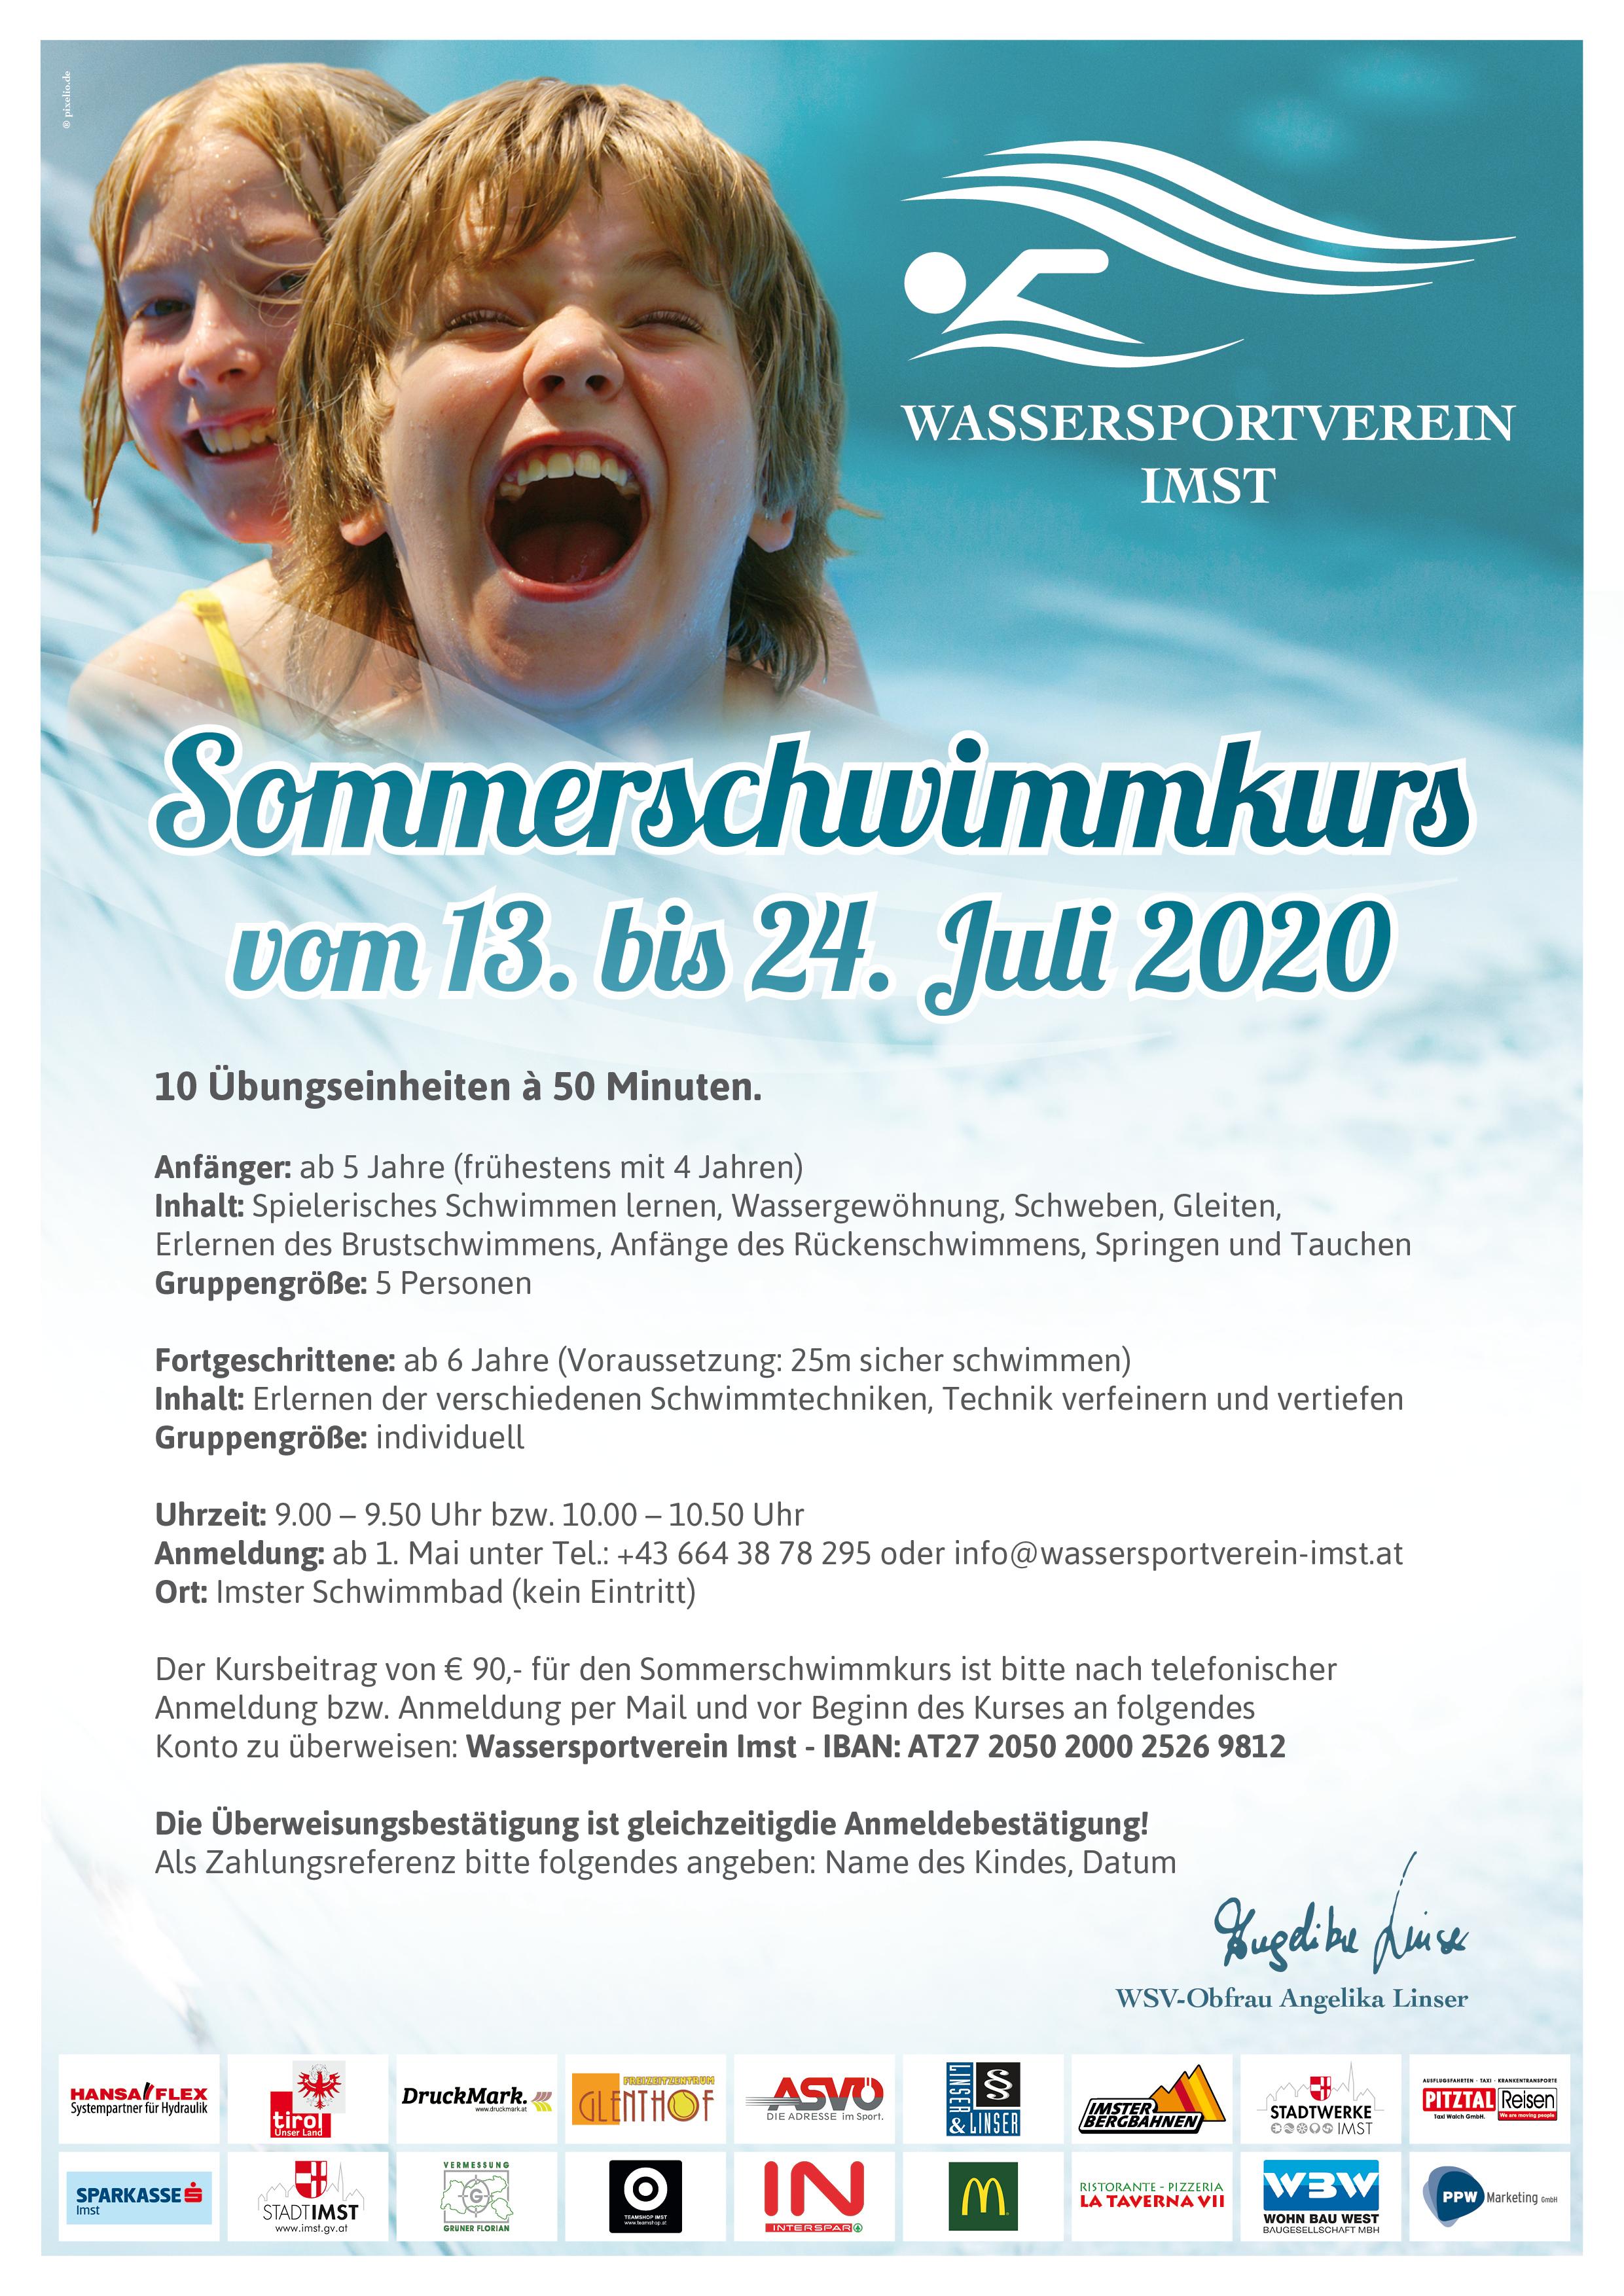 Großer Sommerschwimmkurs In Den Ersten Beiden Ferienwochen